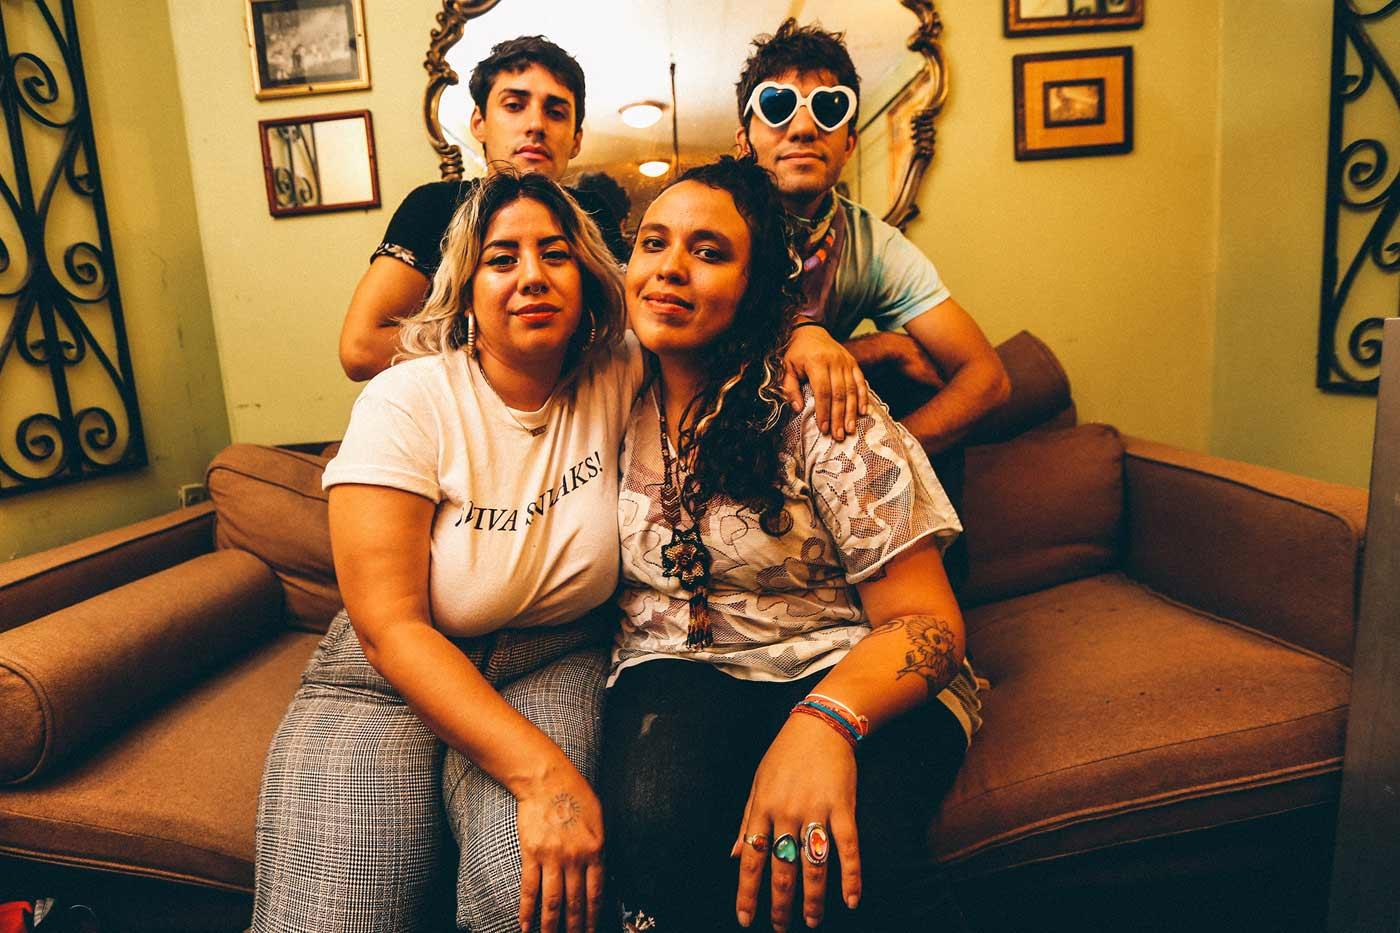 Artistas eliminan su música de Amazon Music por sus vínculos con ICE